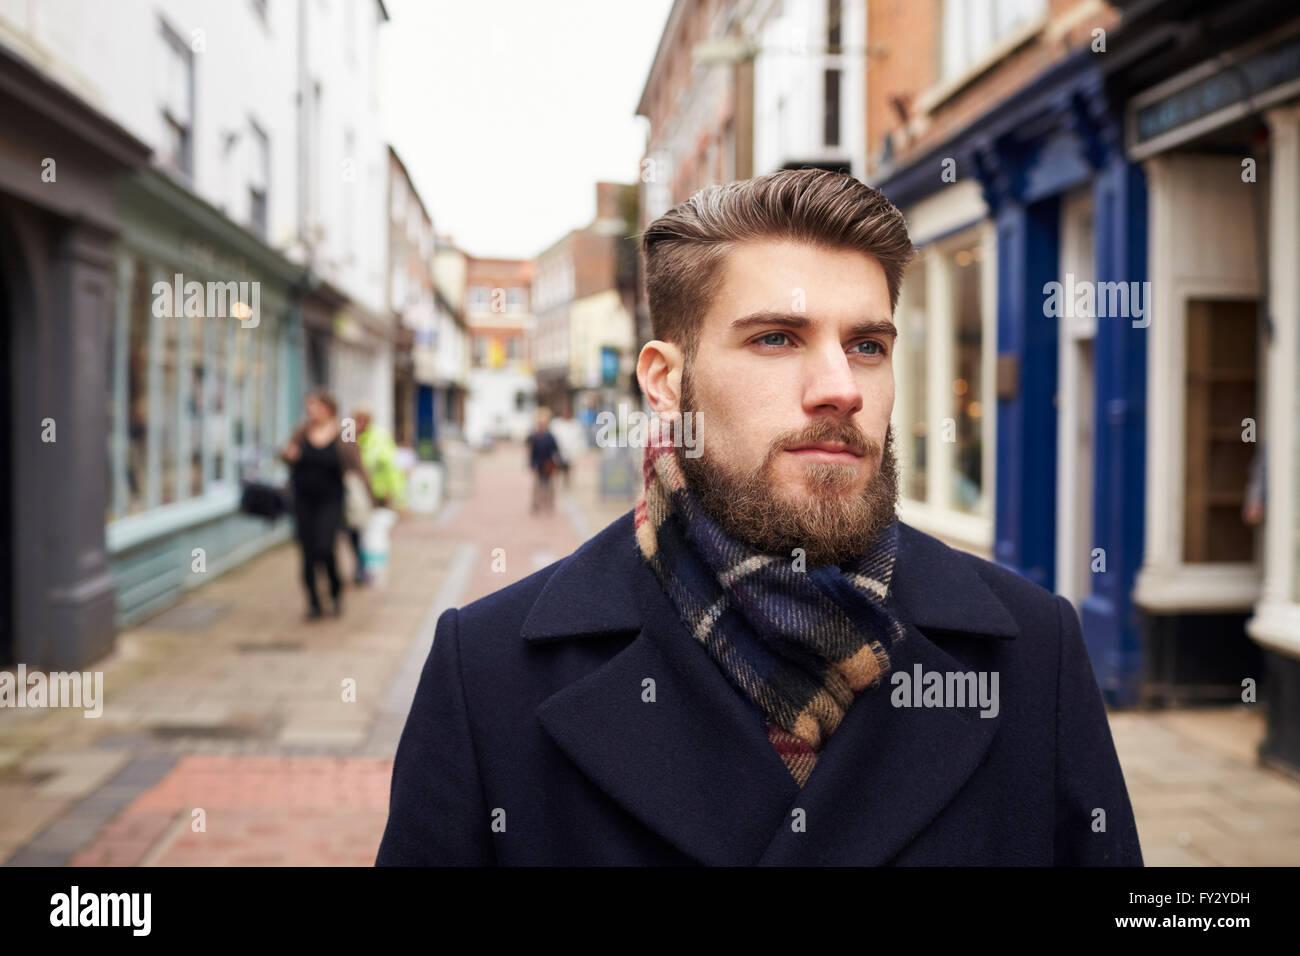 Young Man Walking Down Urban Street - Stock Image